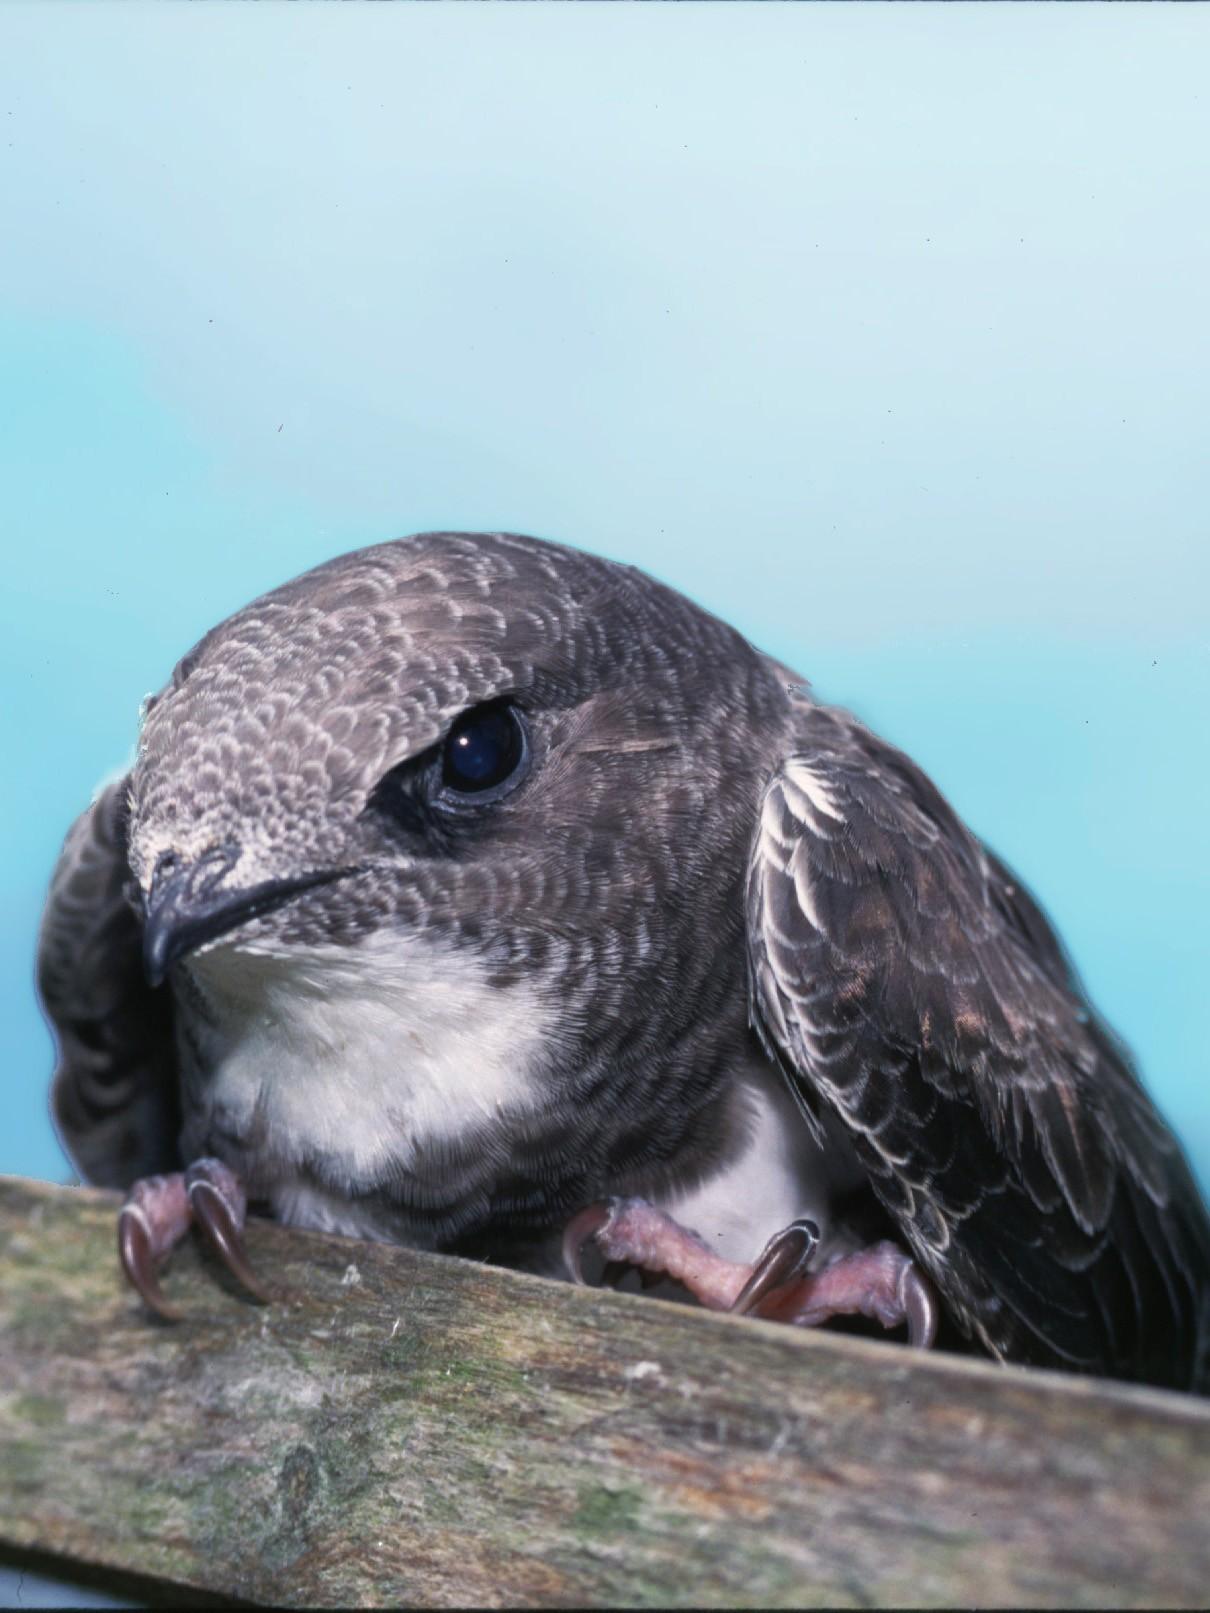 Um andorinhão-real (Tachymarptis melba), estes pássaros pode voar por seis meses sem parar. (Imagem: Domínio público)